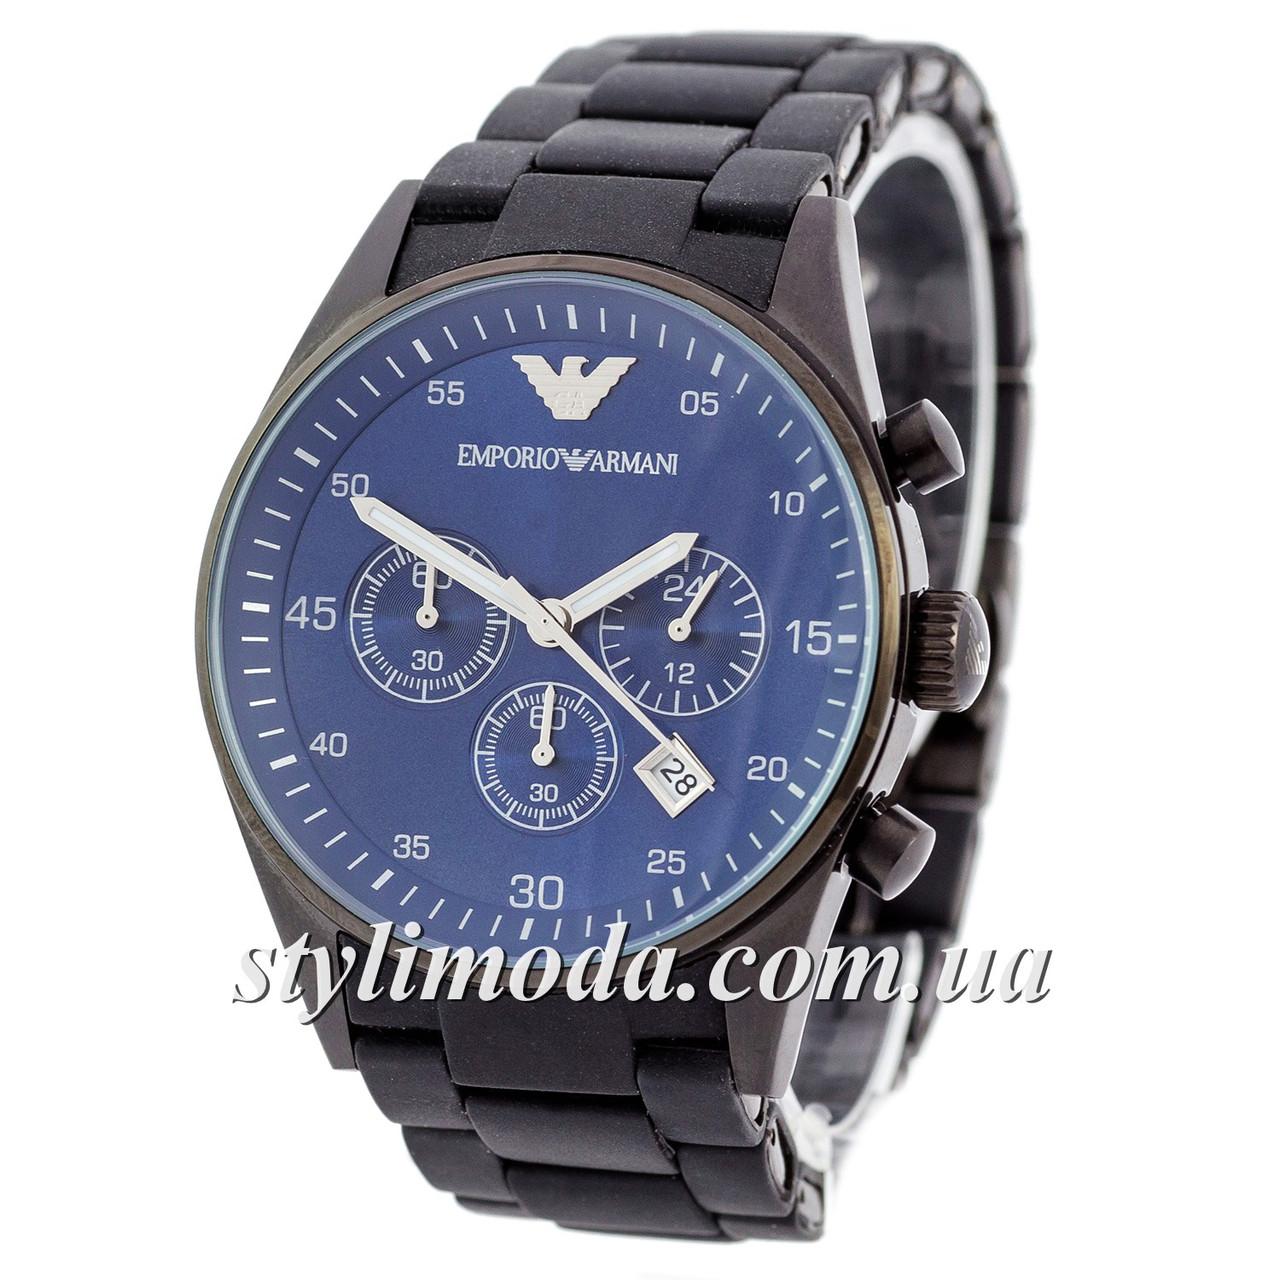 Часы Наручные Emporio Armani AAA Black-Blue Silicone (реплика) — в ... 6bce931222d